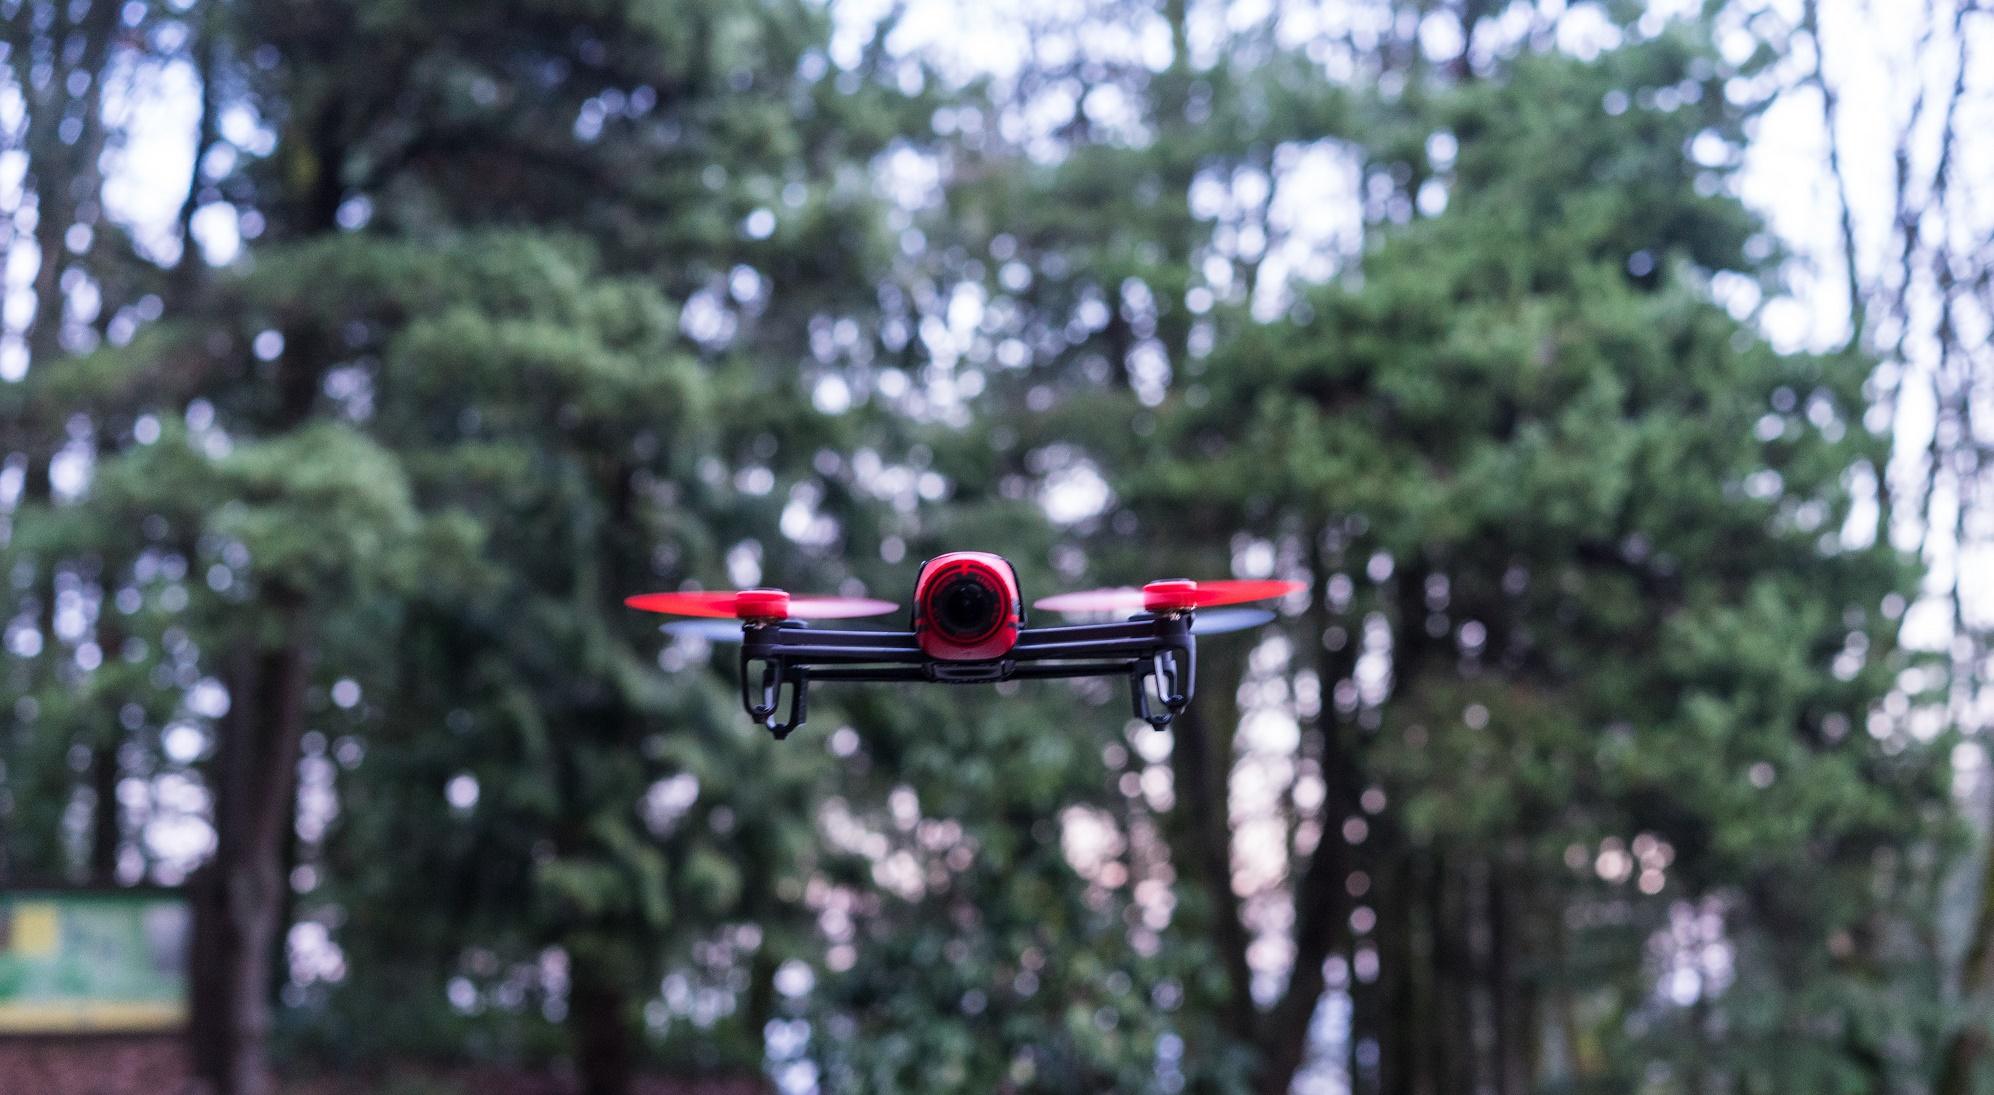 Algunos usos espectaculares de los drones